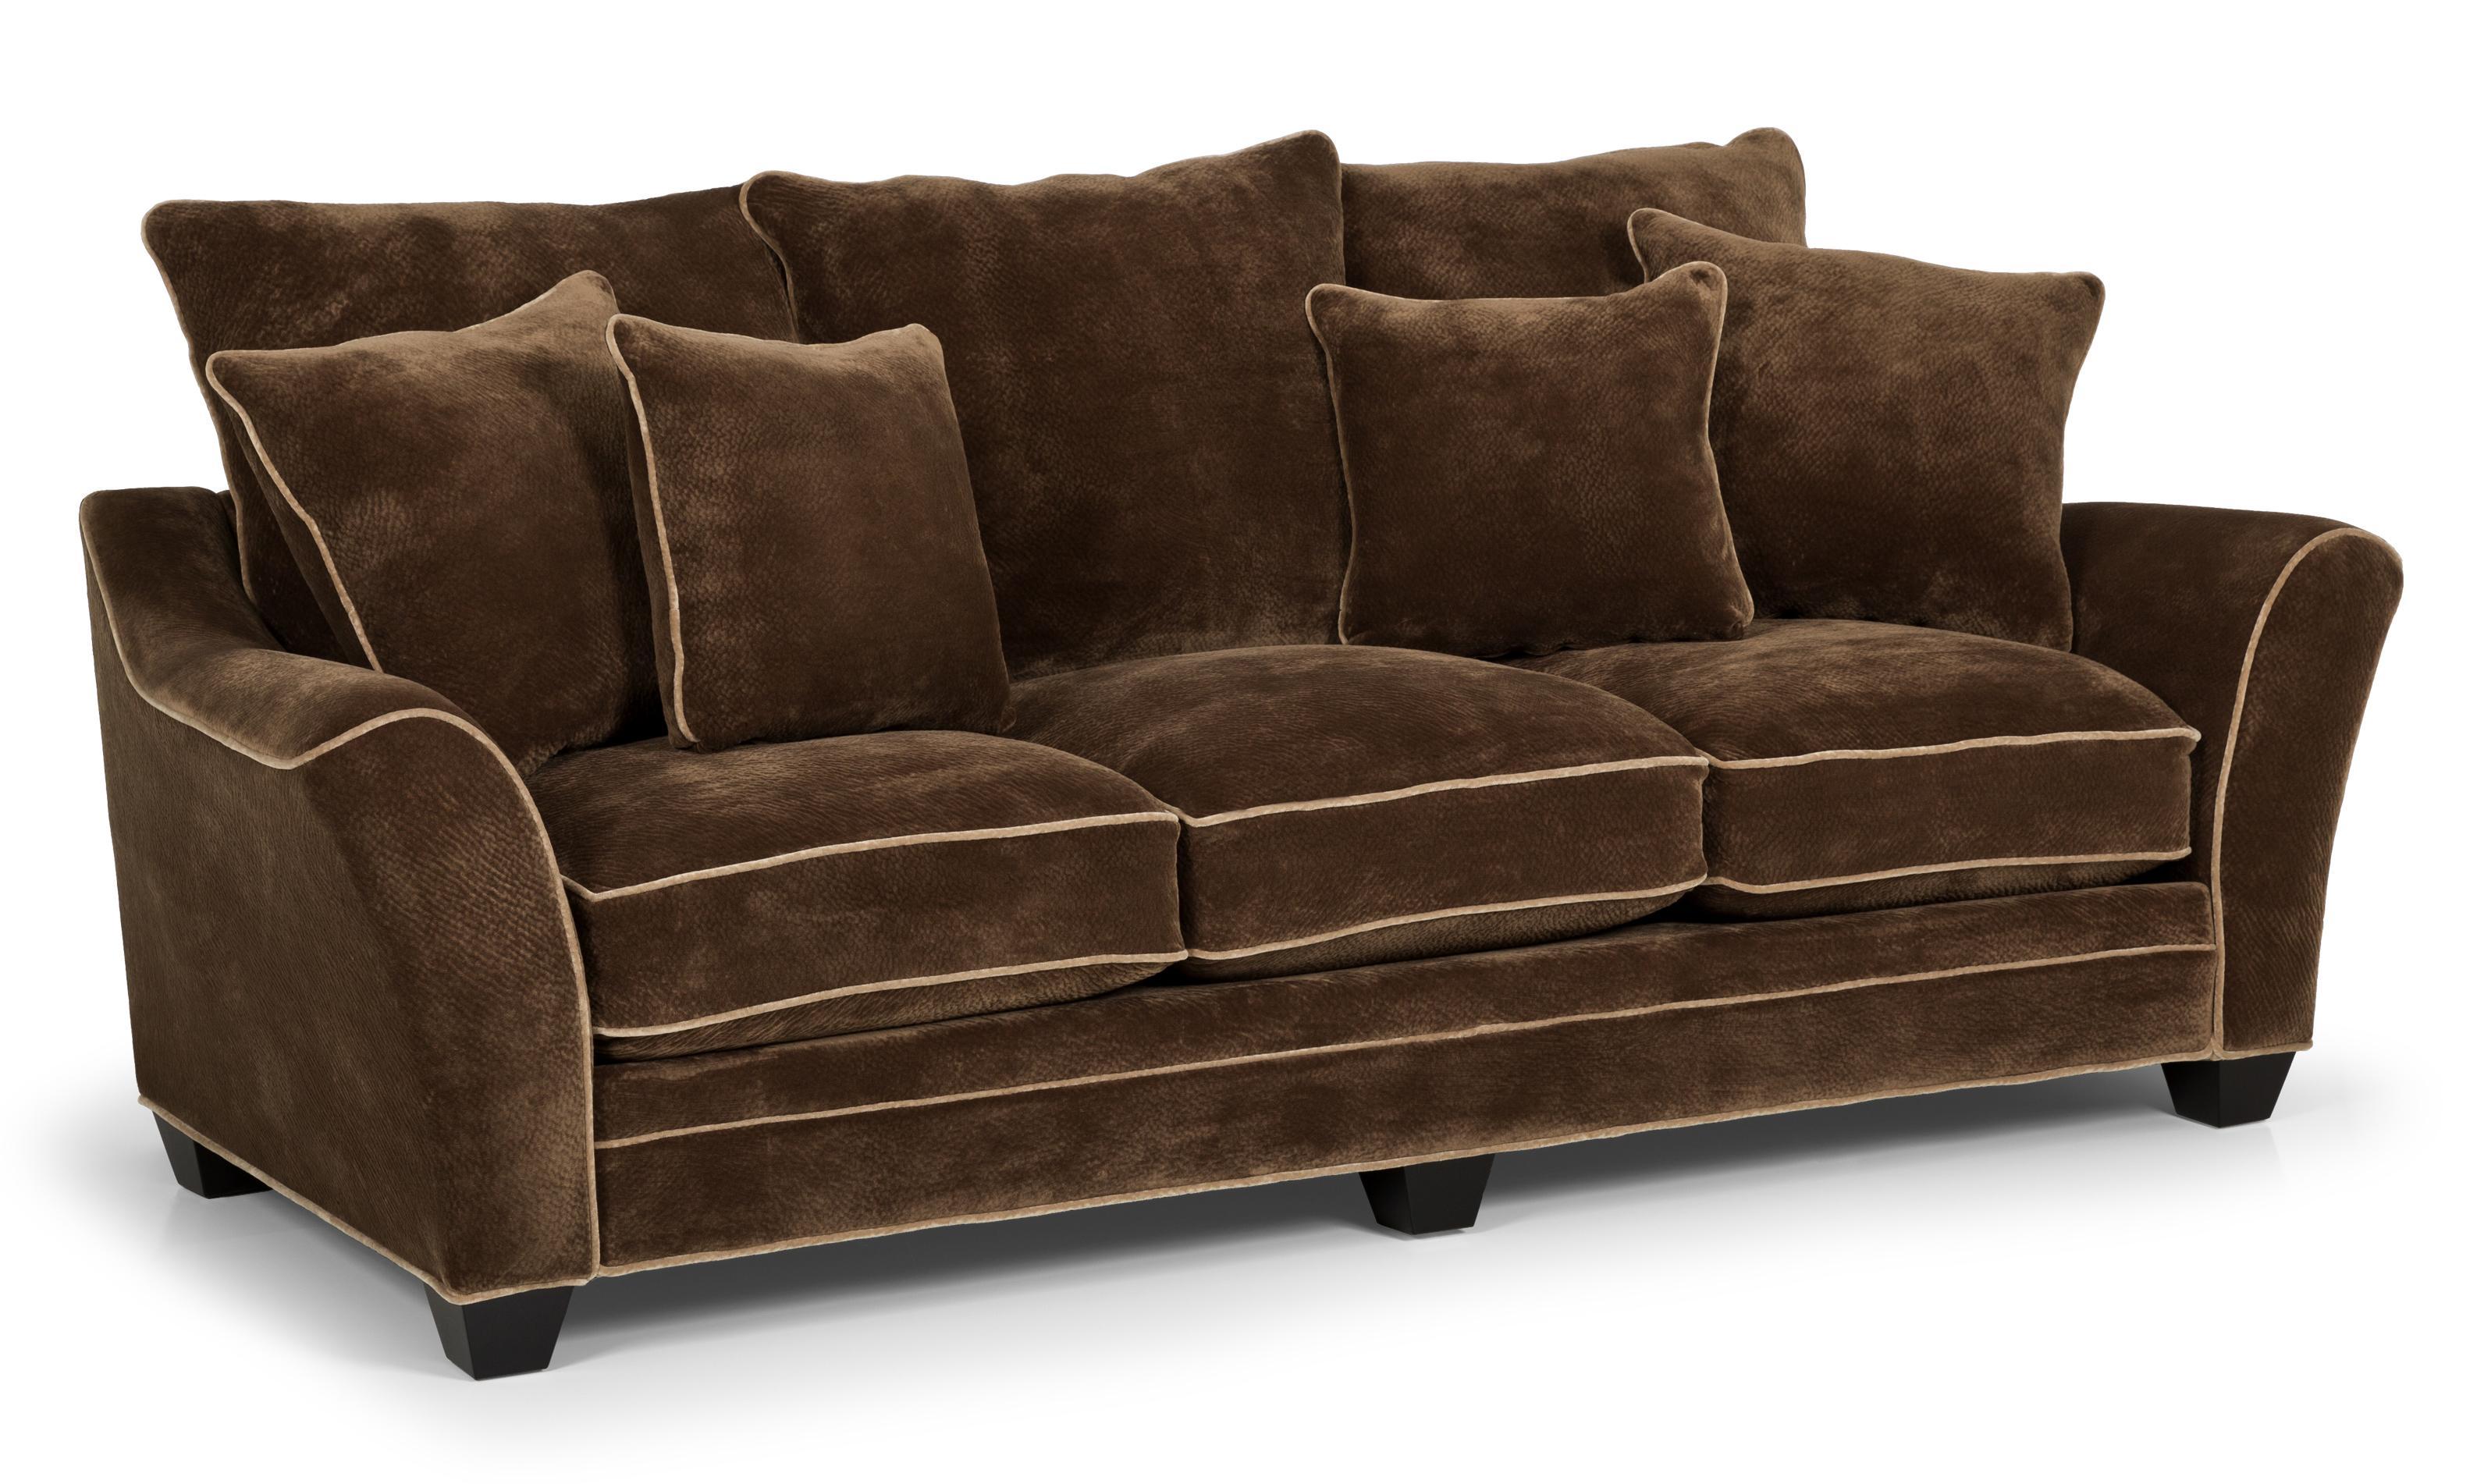 Stanton 197 Scattered-Back Sofa - Item Number: 197-01